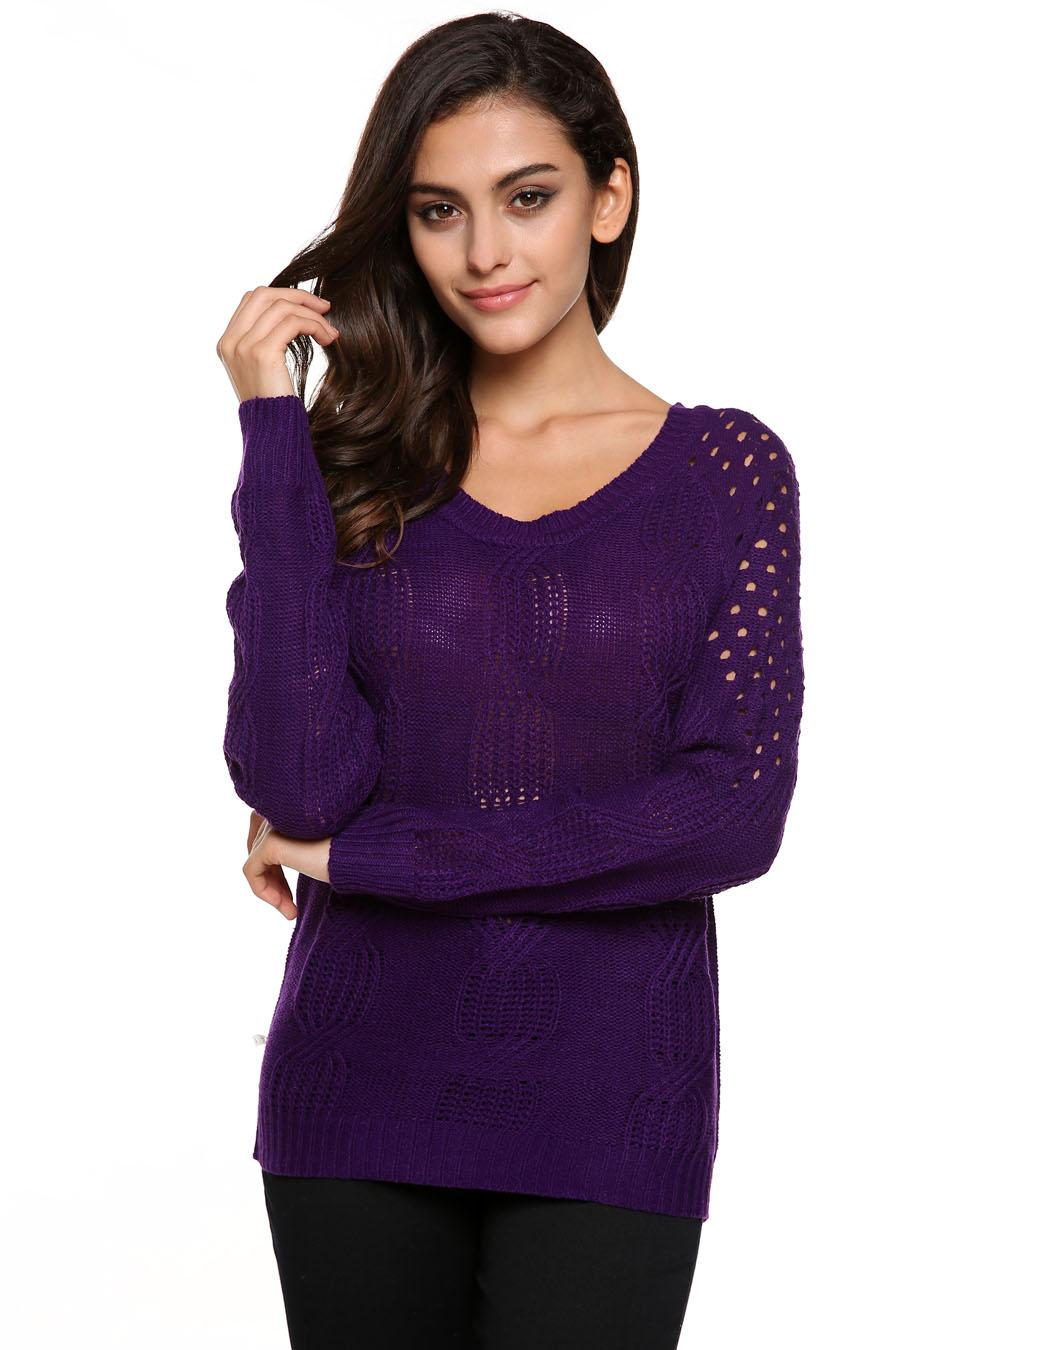 Neu Damen kuschelig Pulli Pullover sweater Longshirt ...